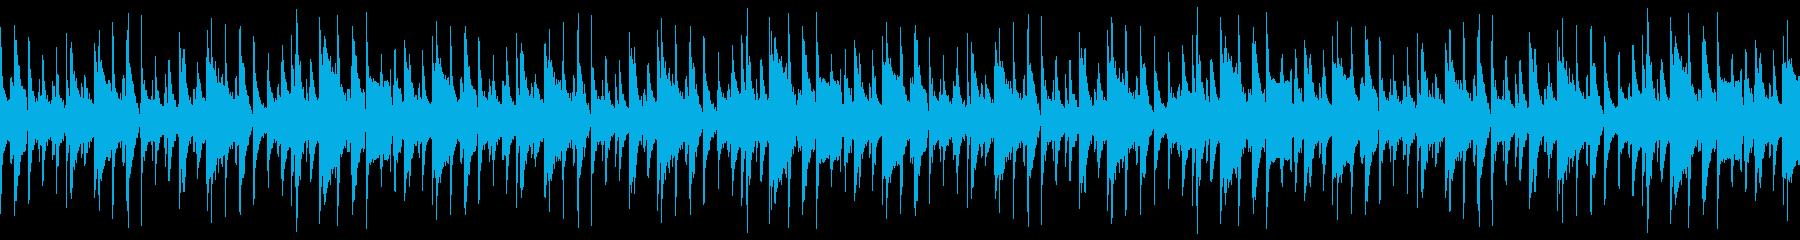 繁華街や人混みを歩くジャズ曲(ループ仕様の再生済みの波形